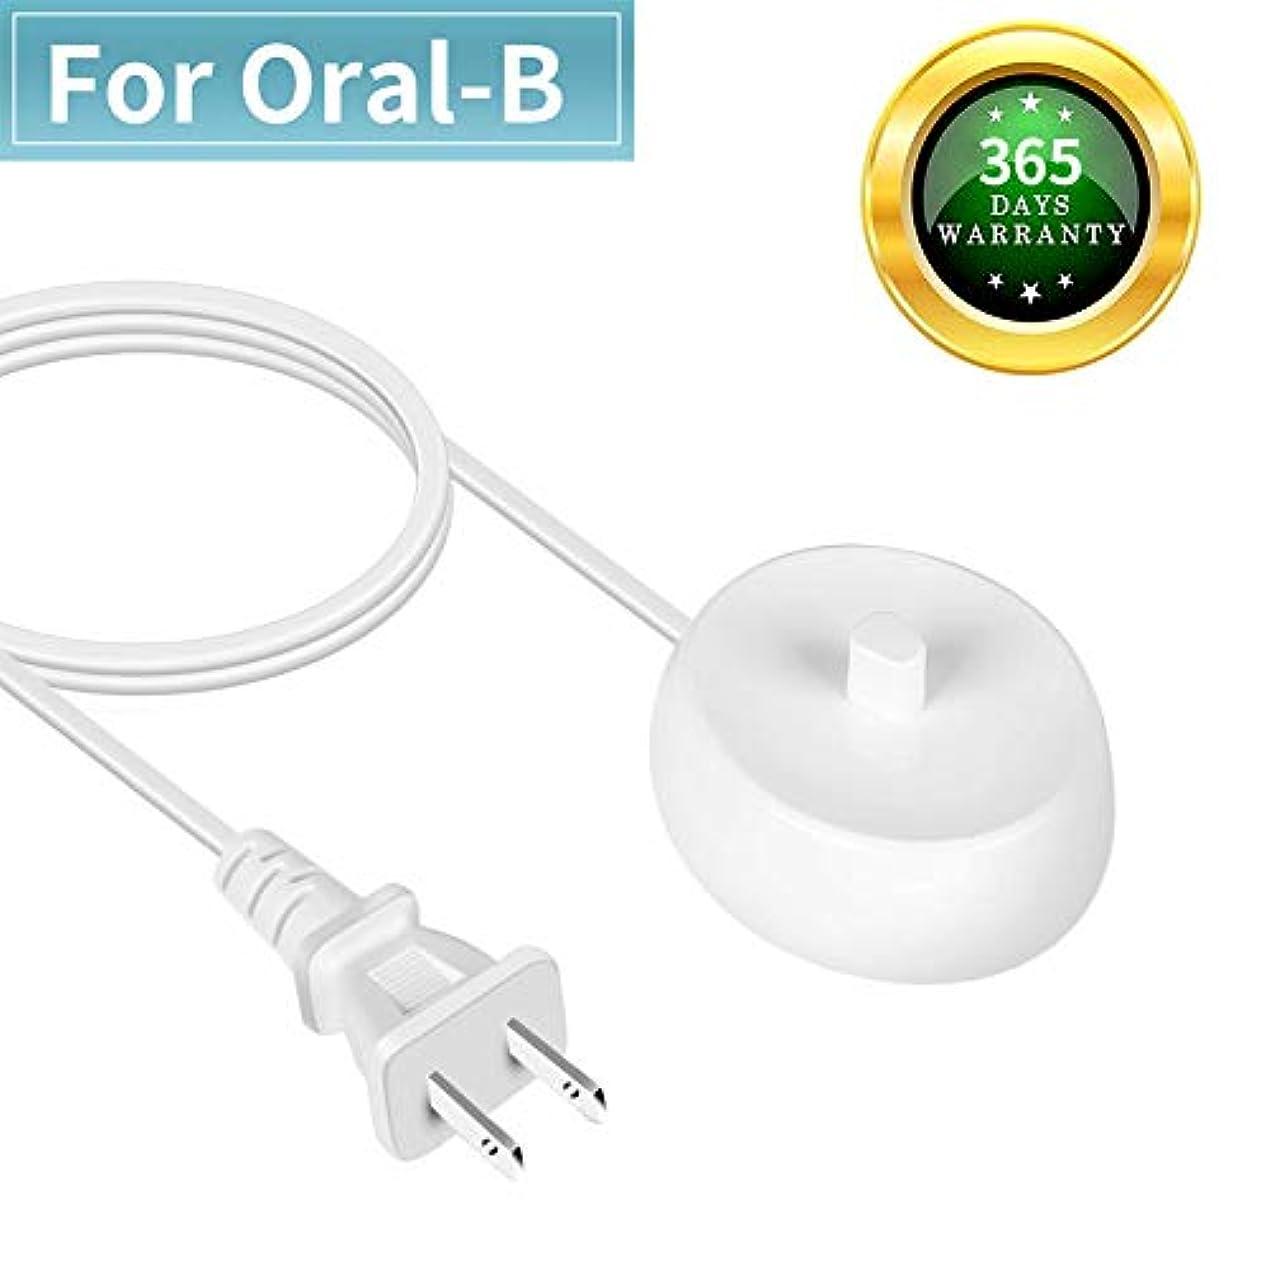 艶選ぶ出会いPunasi Braun Oral-b用の充電器 電動歯ブラシ専用 充電器 ACアダプタ 3757 D12013AE D12013Tなど対応 携帯用 小型充電器 ブラウン オーラルBに交換用 防水IP67